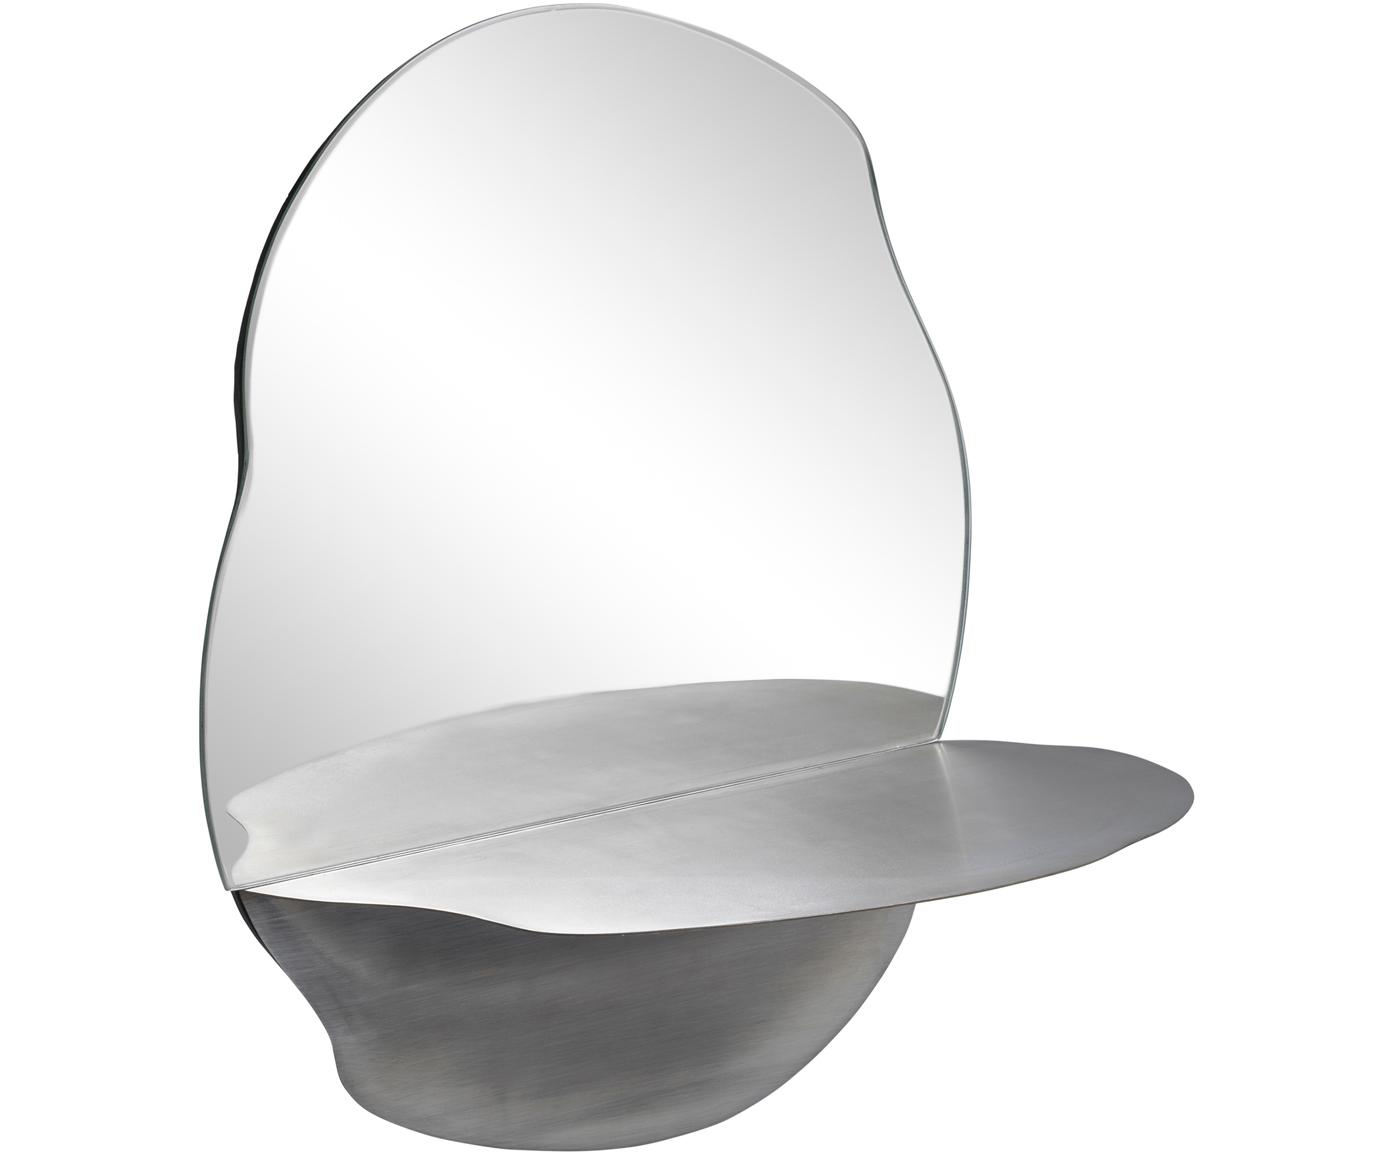 Specchio da parete con mensola Vilja, Superficie dello specchio: lastra di vetro, Mensola: metallo ossidato, Metallo opaco, Larg. 31 x Alt. 40 cm